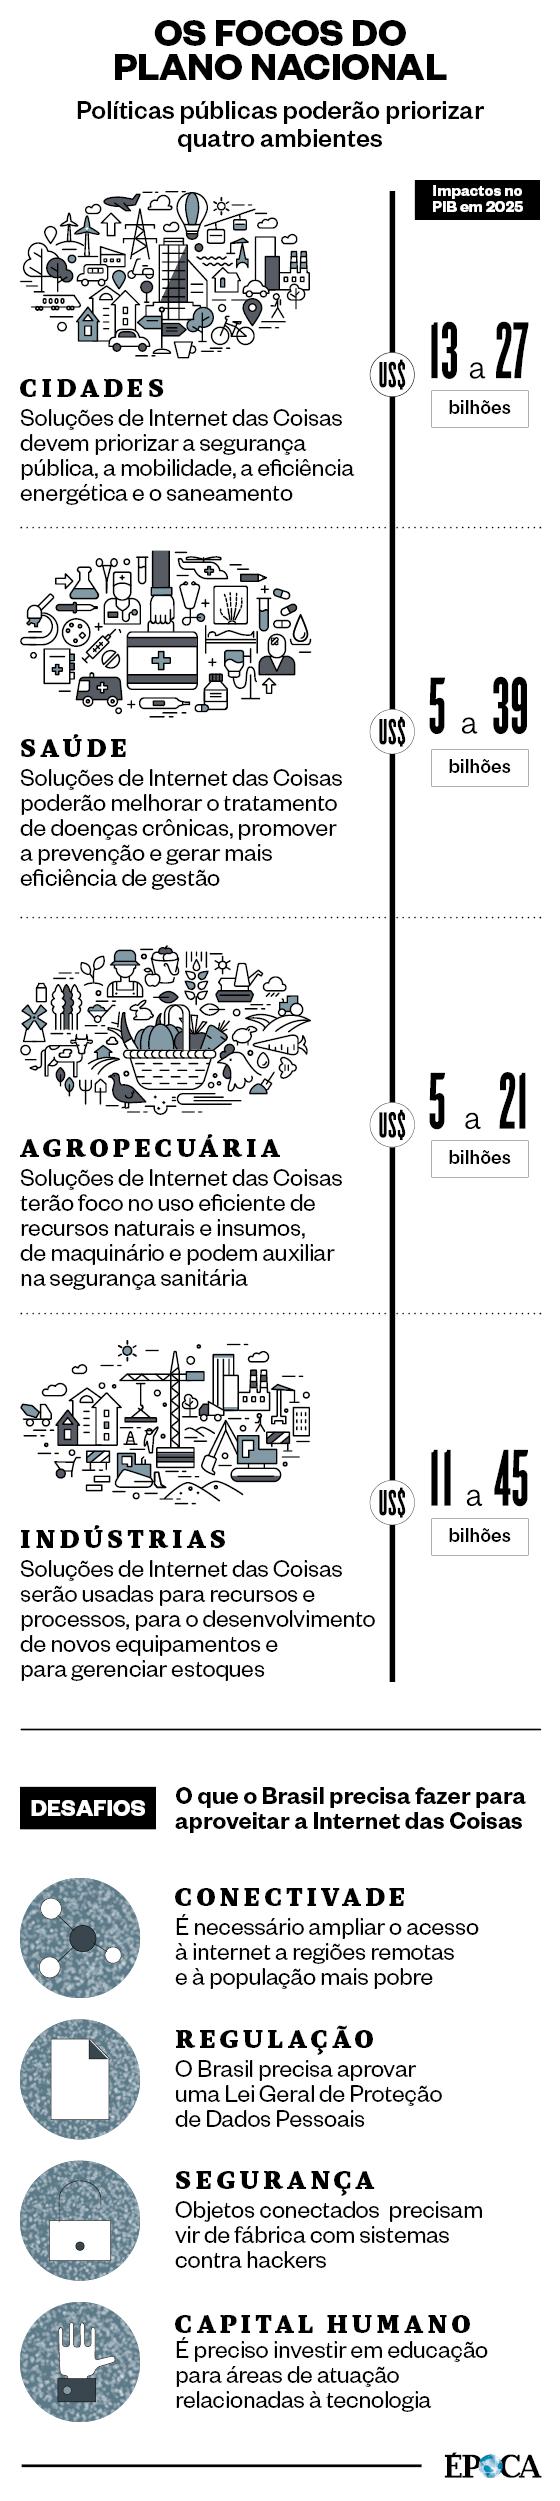 OS FOCOS DO PLANO NACIONAL Políticas públicas poderão priorizar quatro ambientes (Foto: Ilustração: Espaço Ilusório)